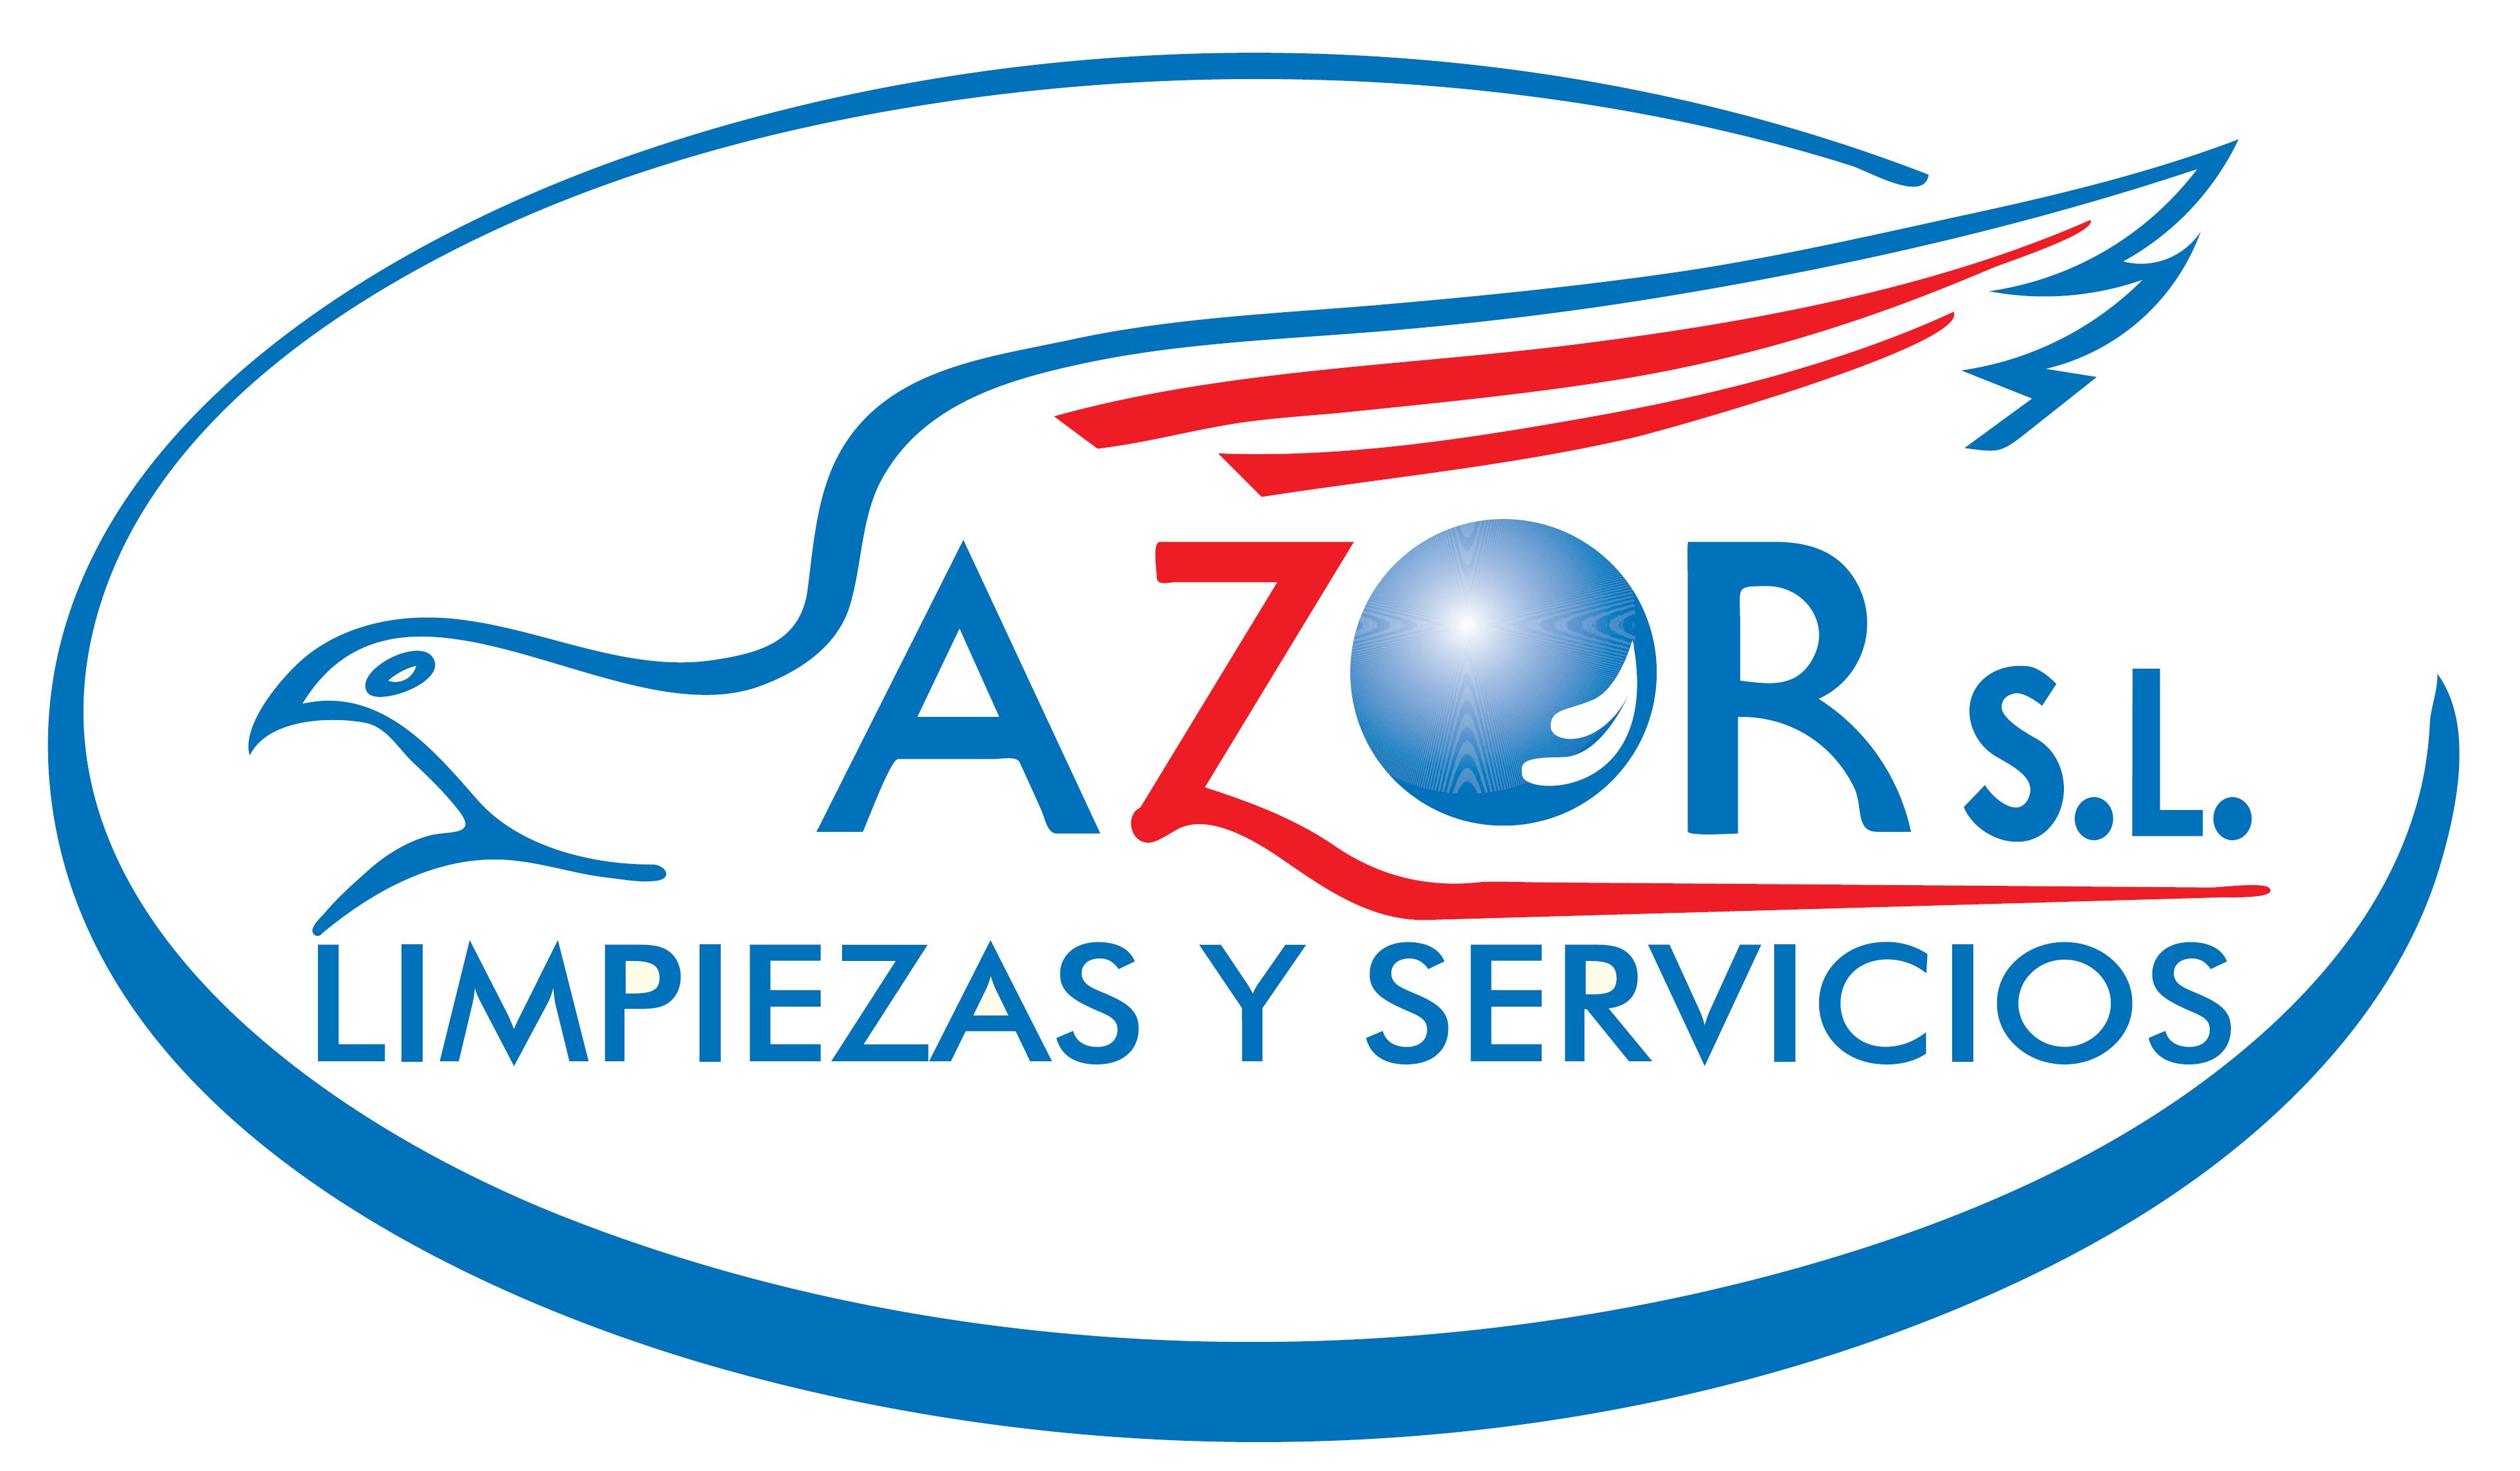 Azor Limpiezas Y Servicios S.l.